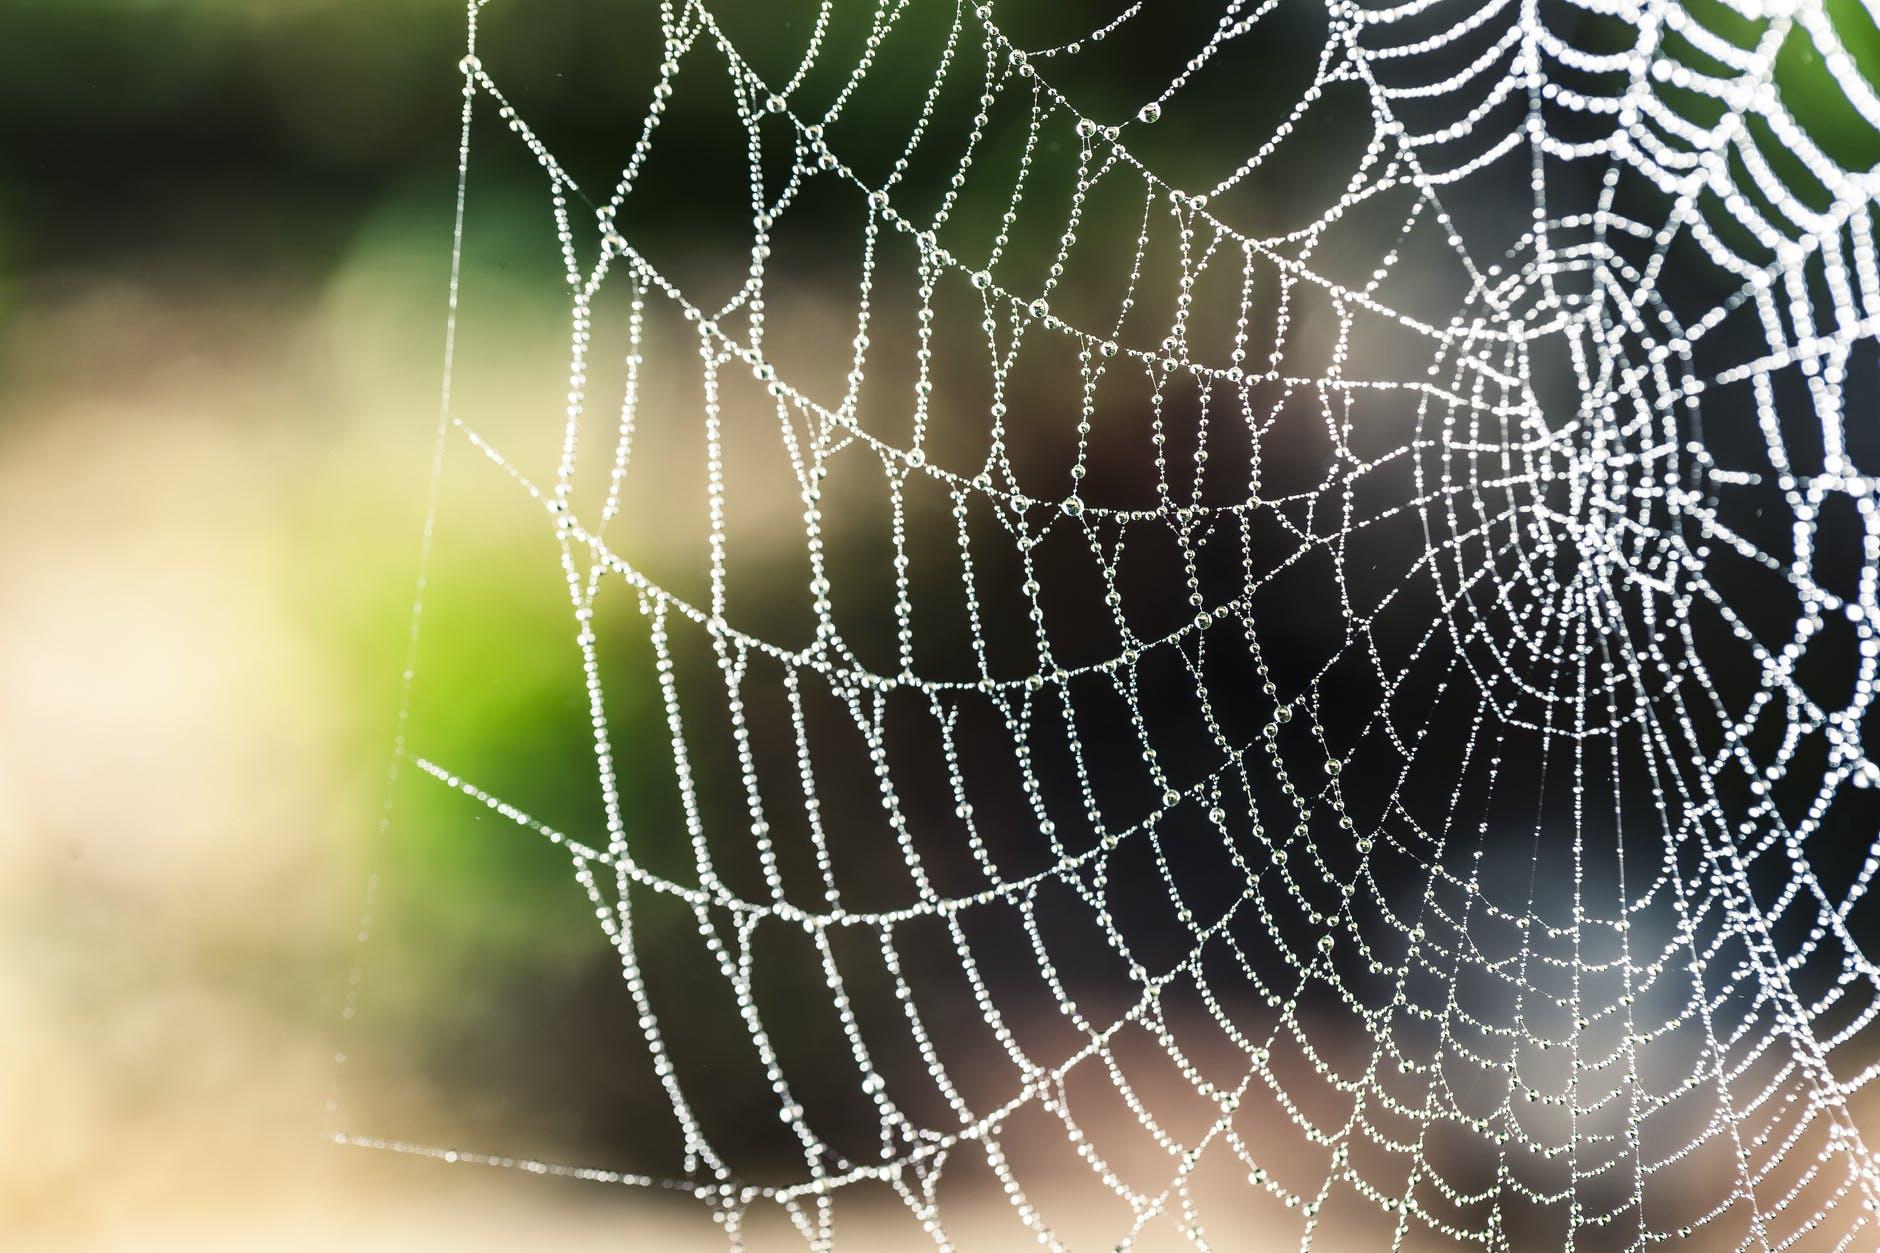 Aktiivisen oppimisen sudenkuopat: 4 väärinymmärrystä ja miten välttää ne